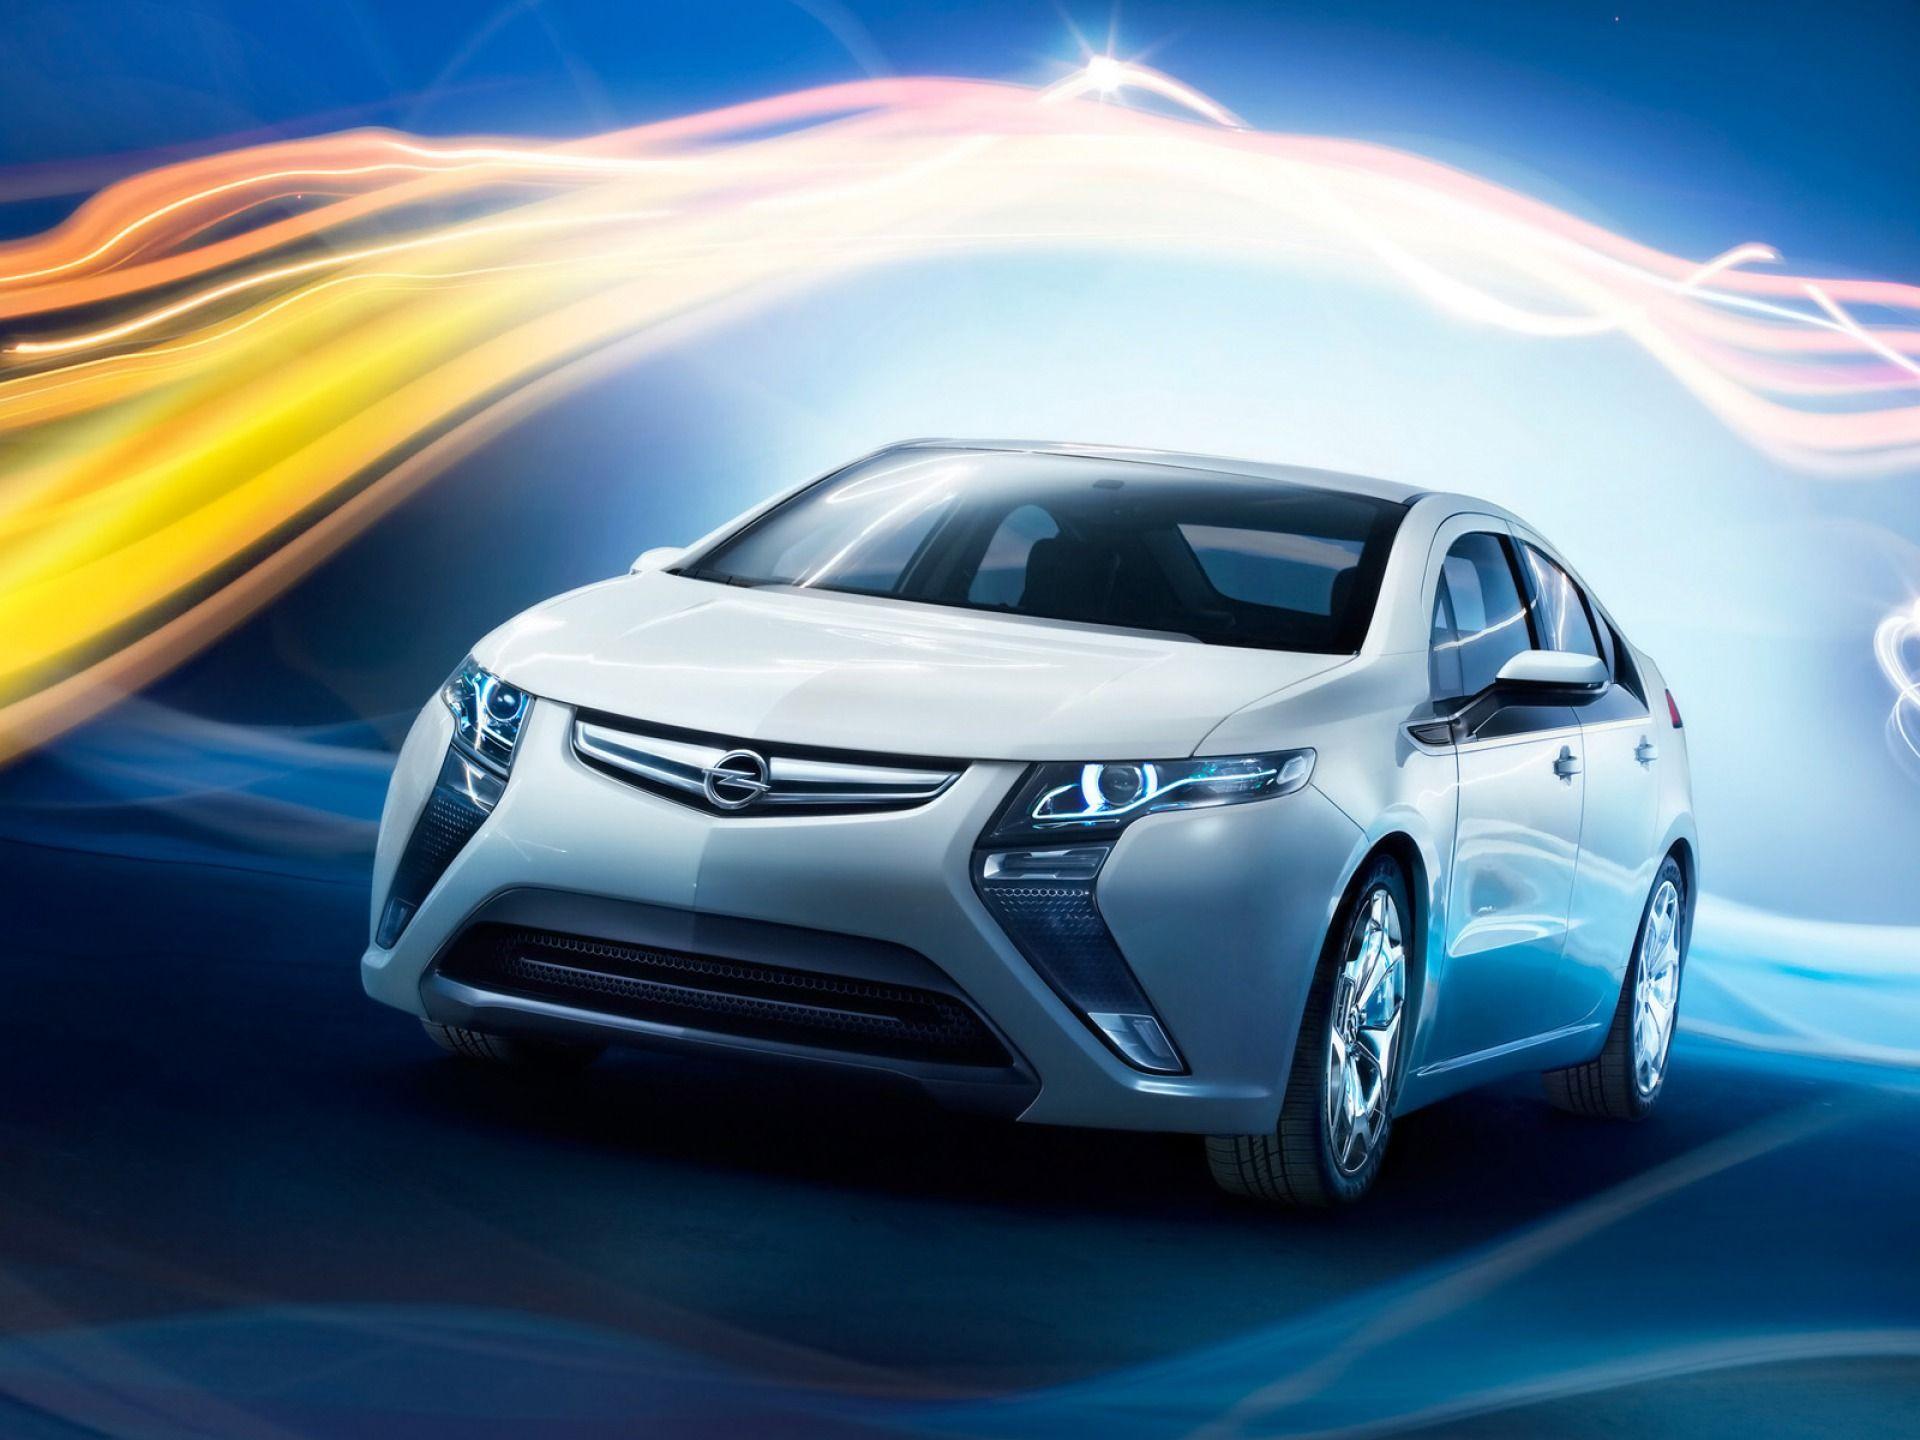 Opel Flextreme Concept Front Grille Emblem x Cabrio